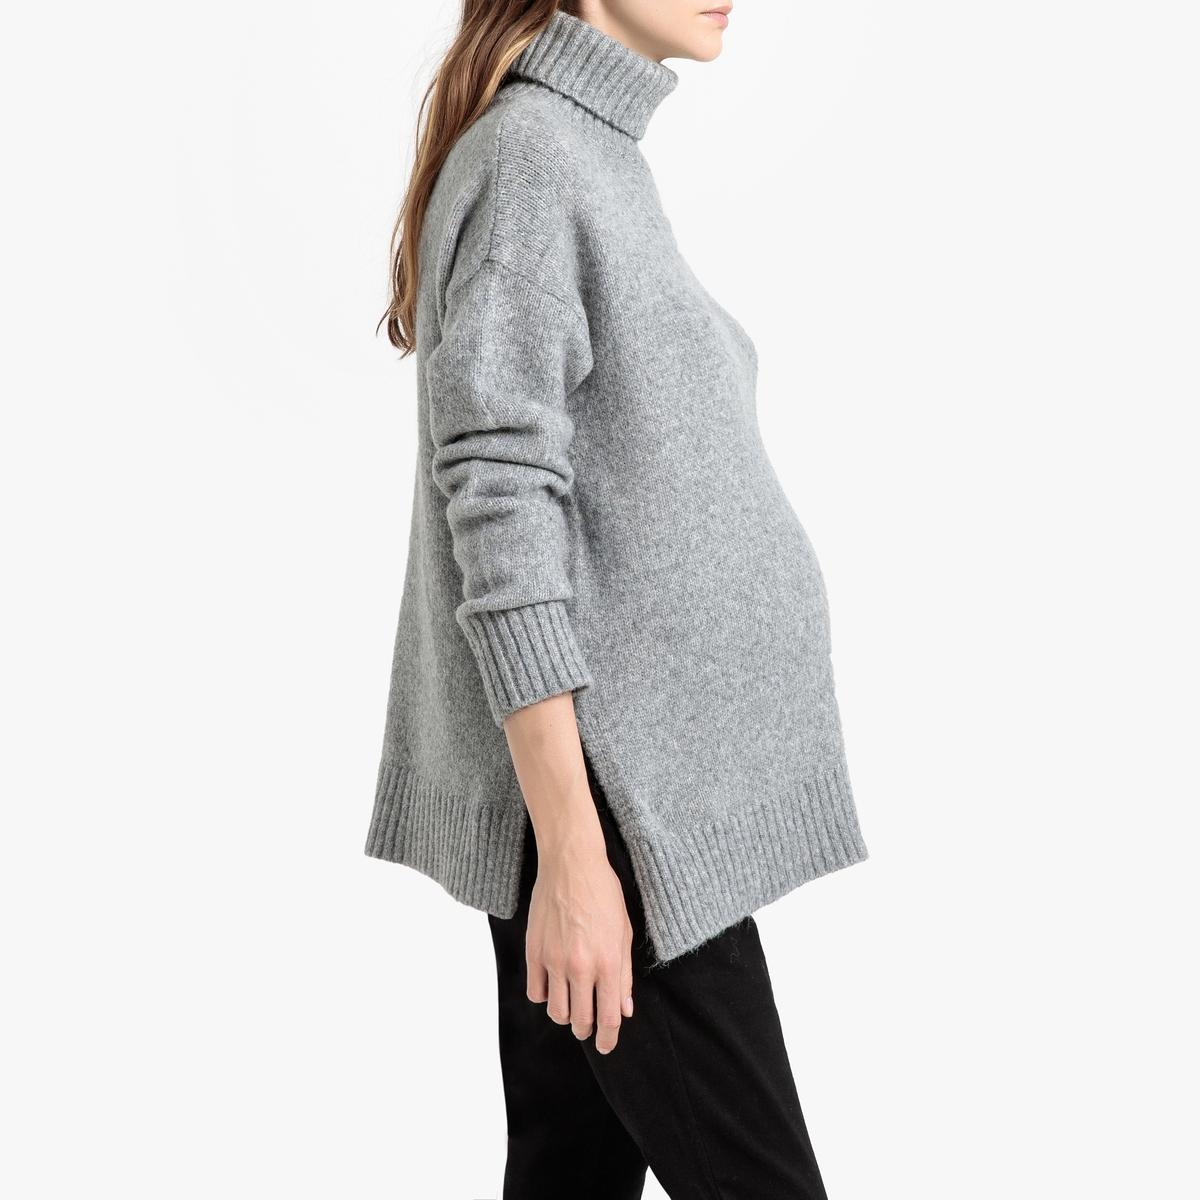 Пуловер La Redoute Для периода беременности с воротником с отворотом из плотного трикотажа S серый платье la redoute из трикотажа для периода беременности s другие